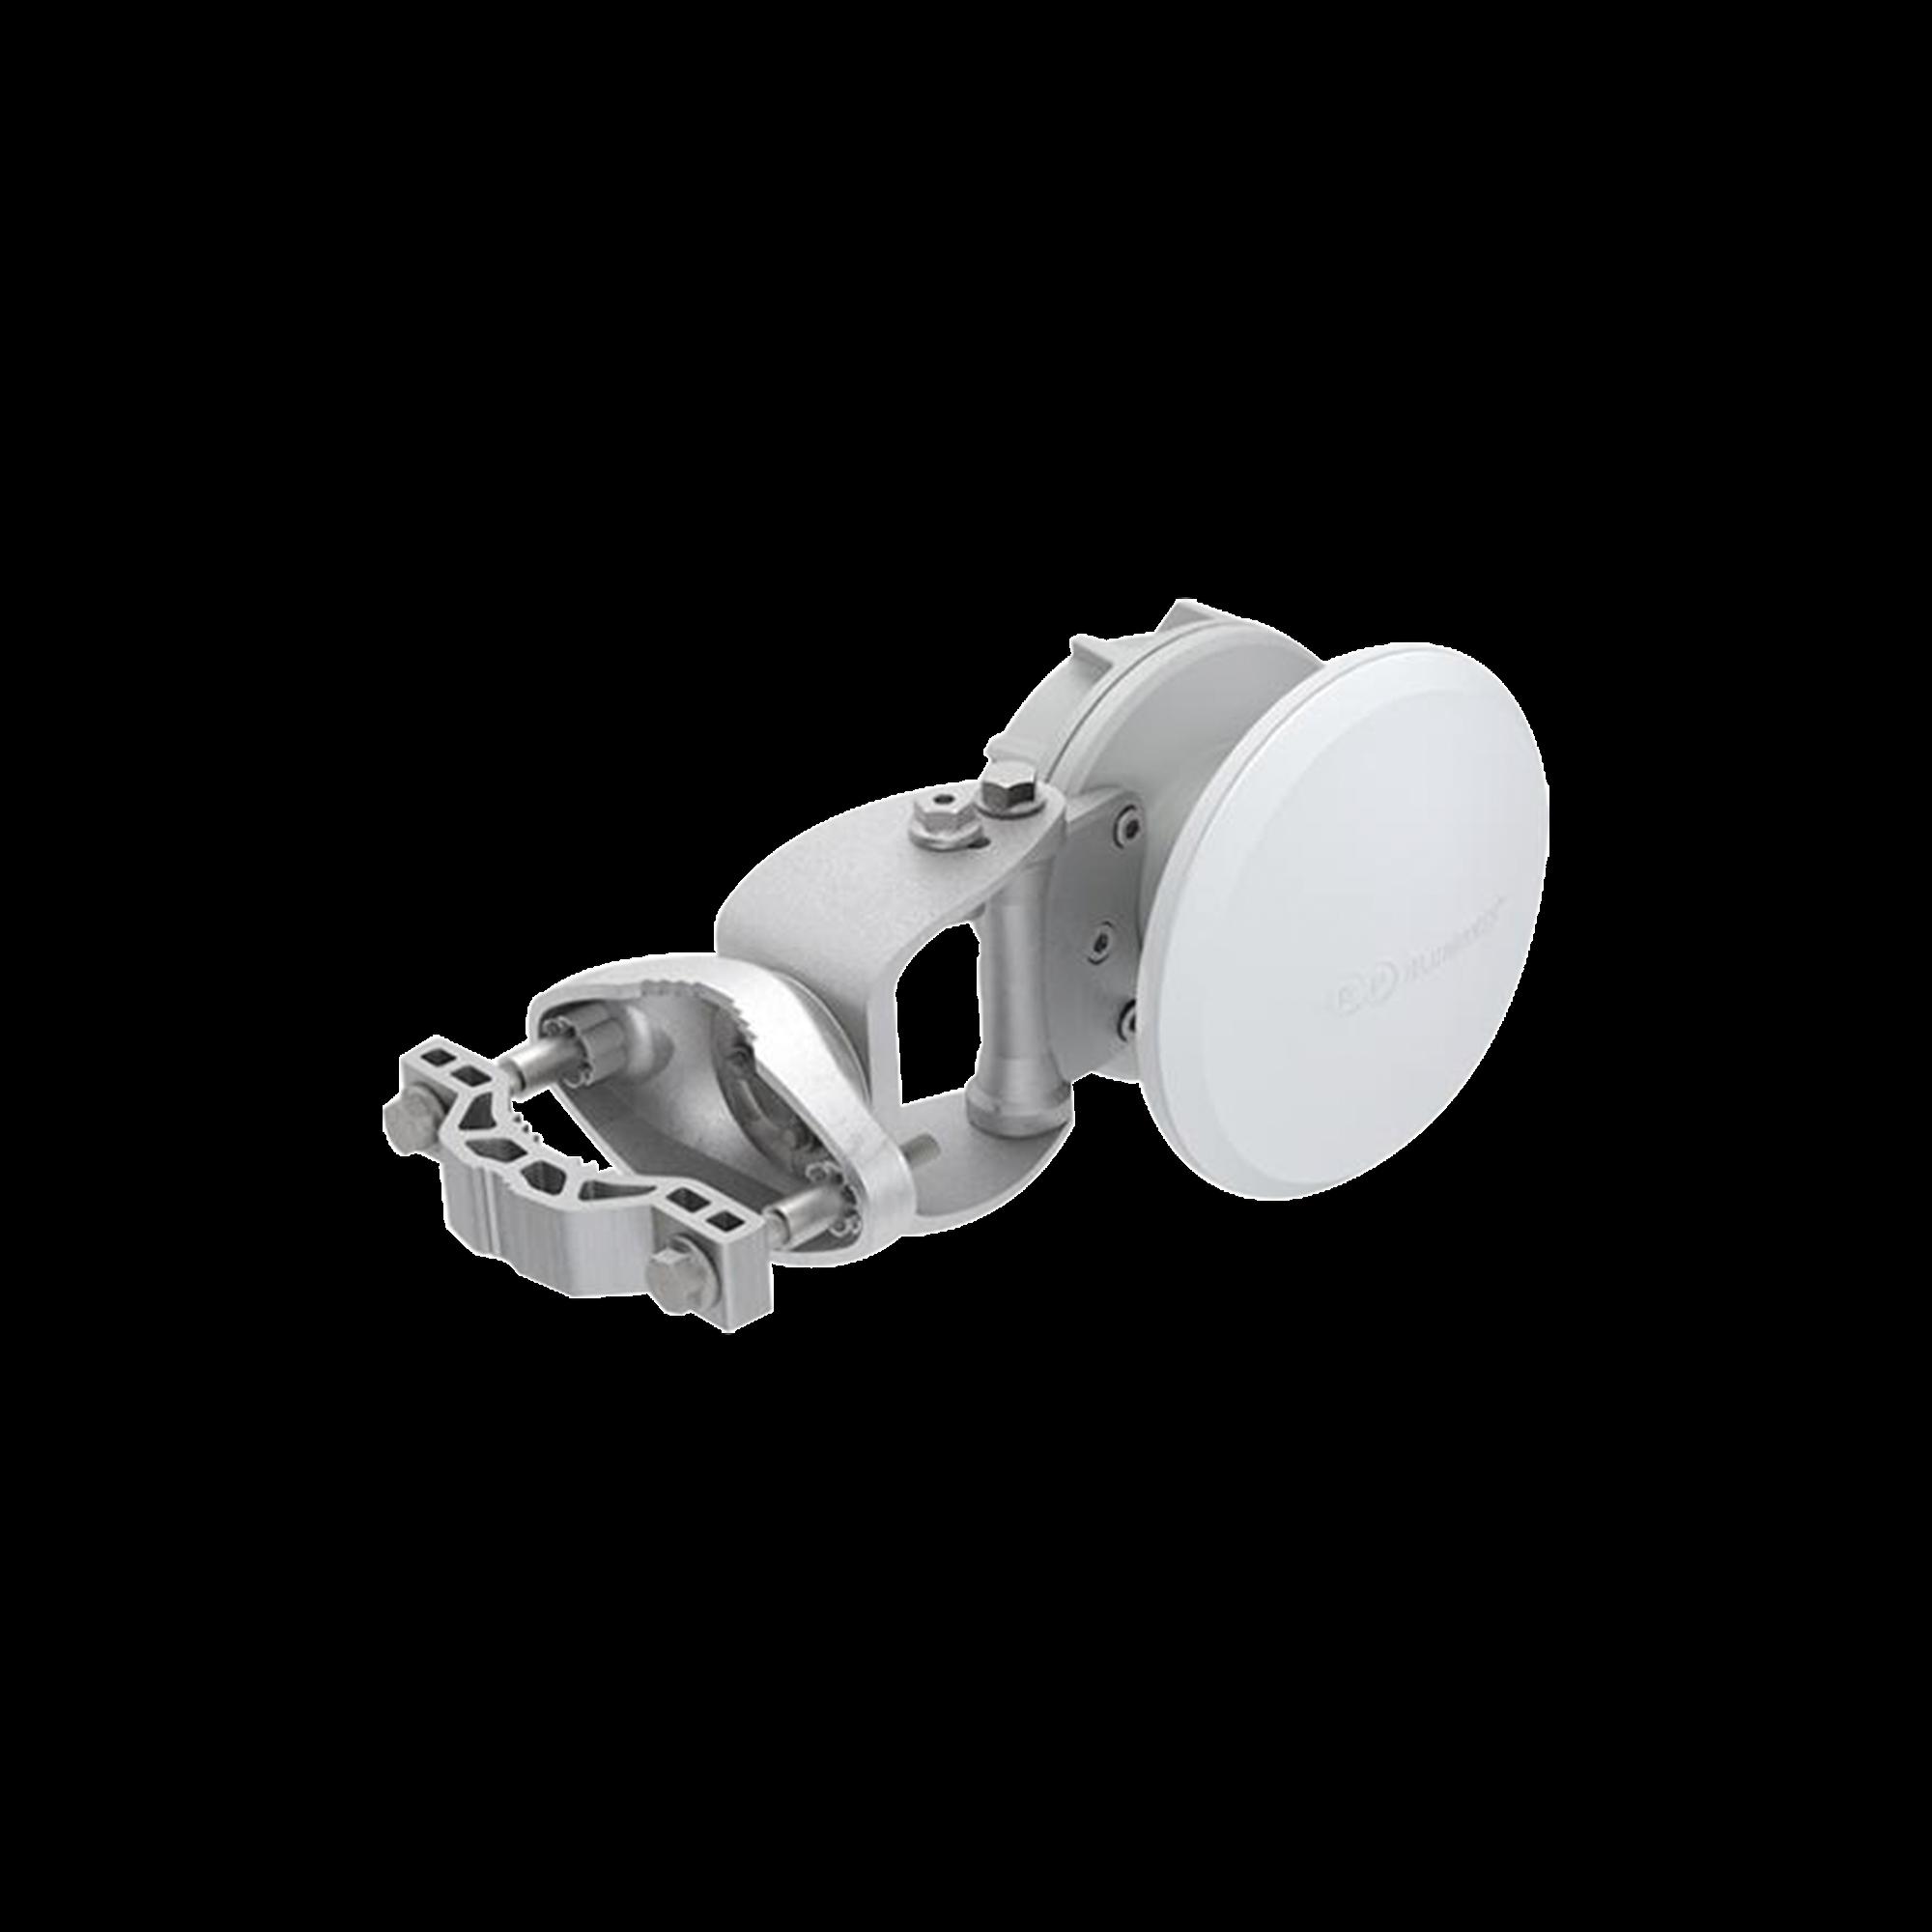 Antena Sectorial Simétrica GEN2 de 80? 5180-6400 MHz, 10.4 dBi con soporte mejorado, listas para TwisPort sin perdida